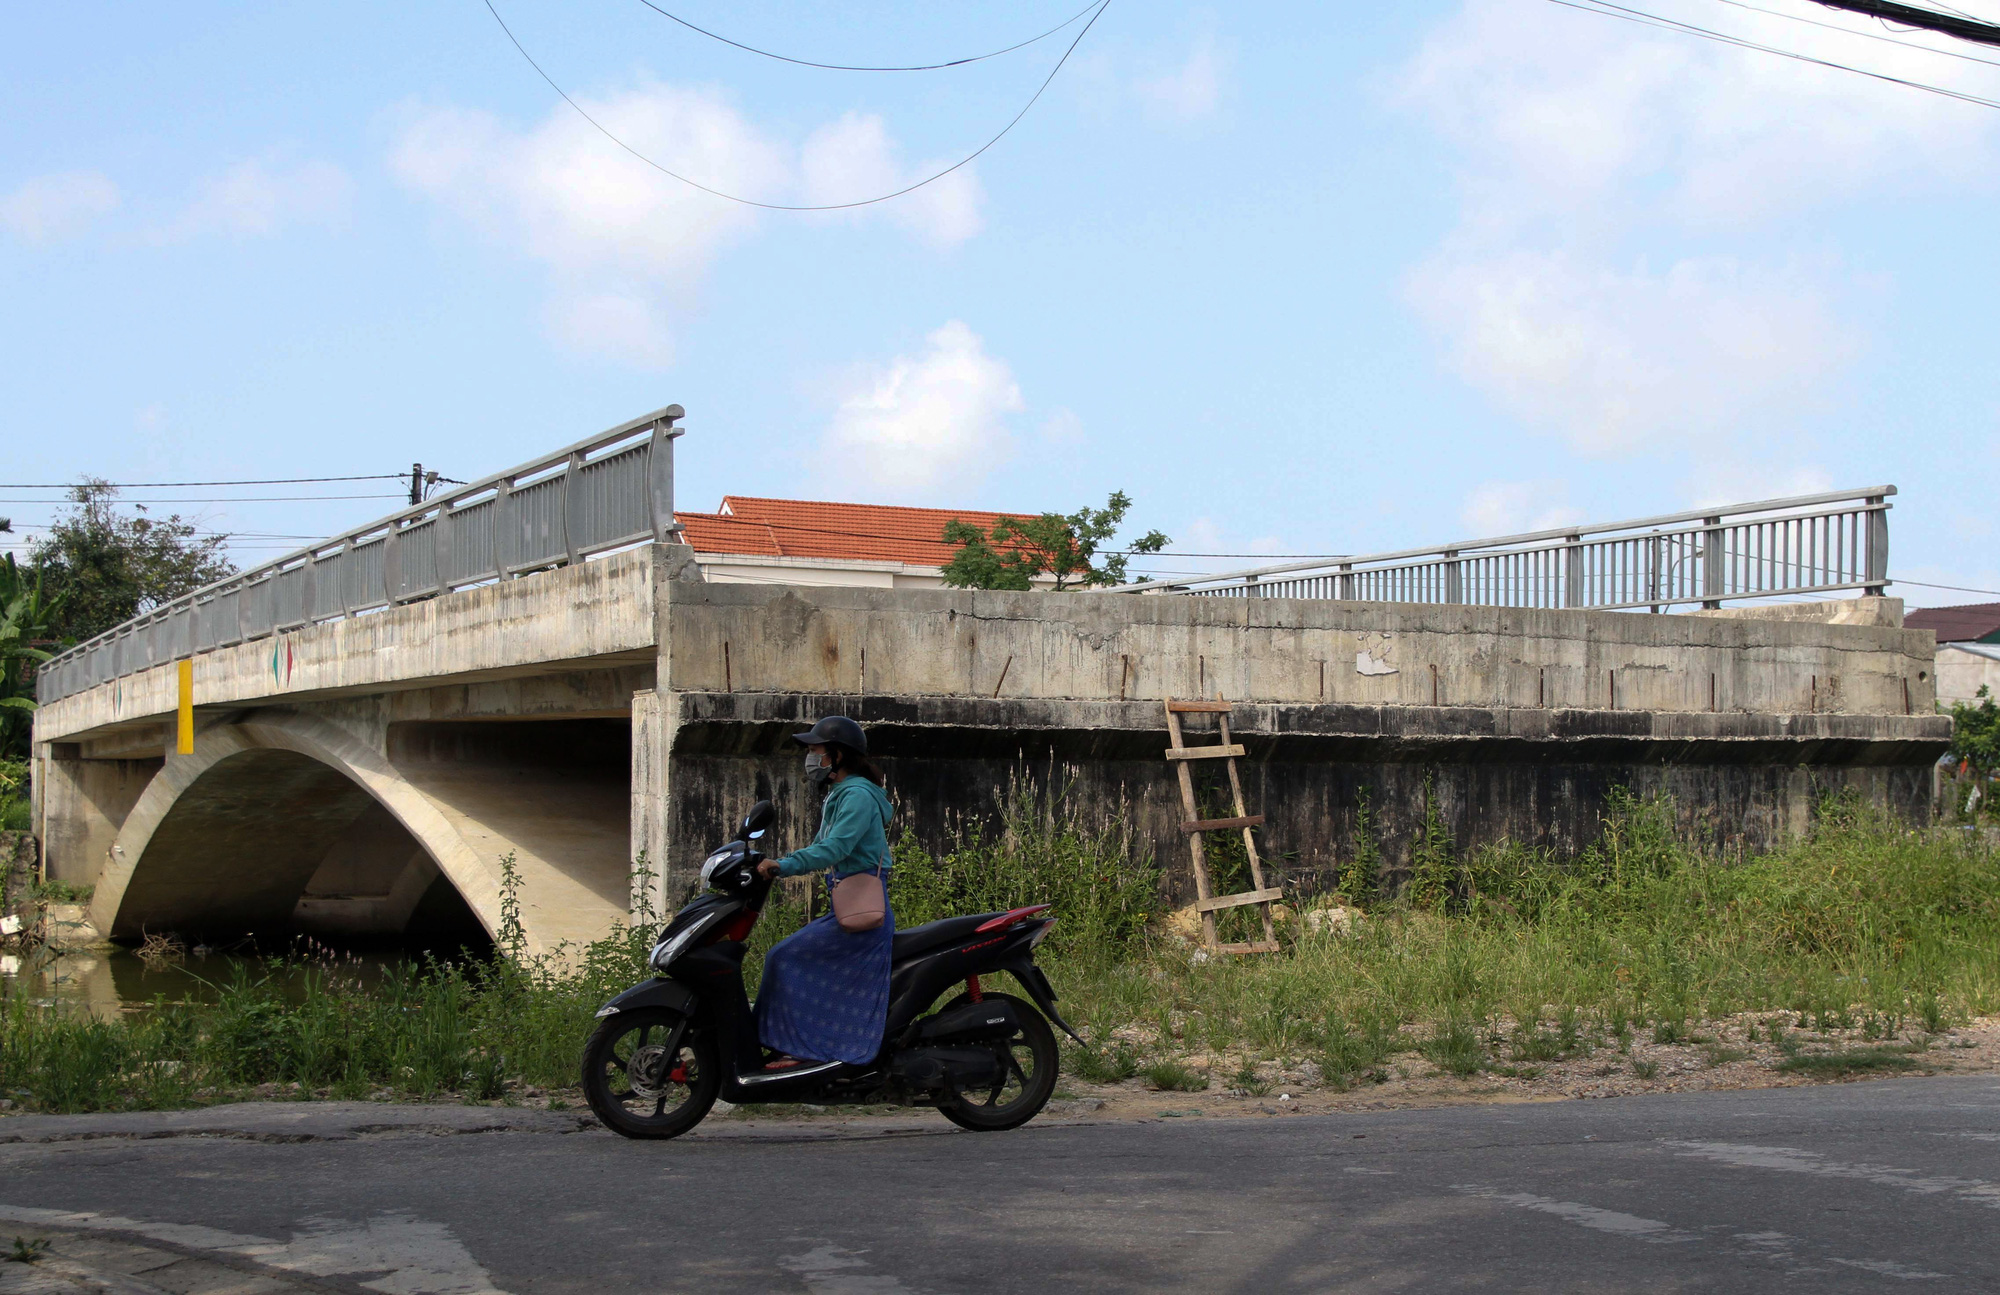 ẢNH: Cầu 32 tỷ xây xong để hoang vì không có đường dẫn - Ảnh 2.